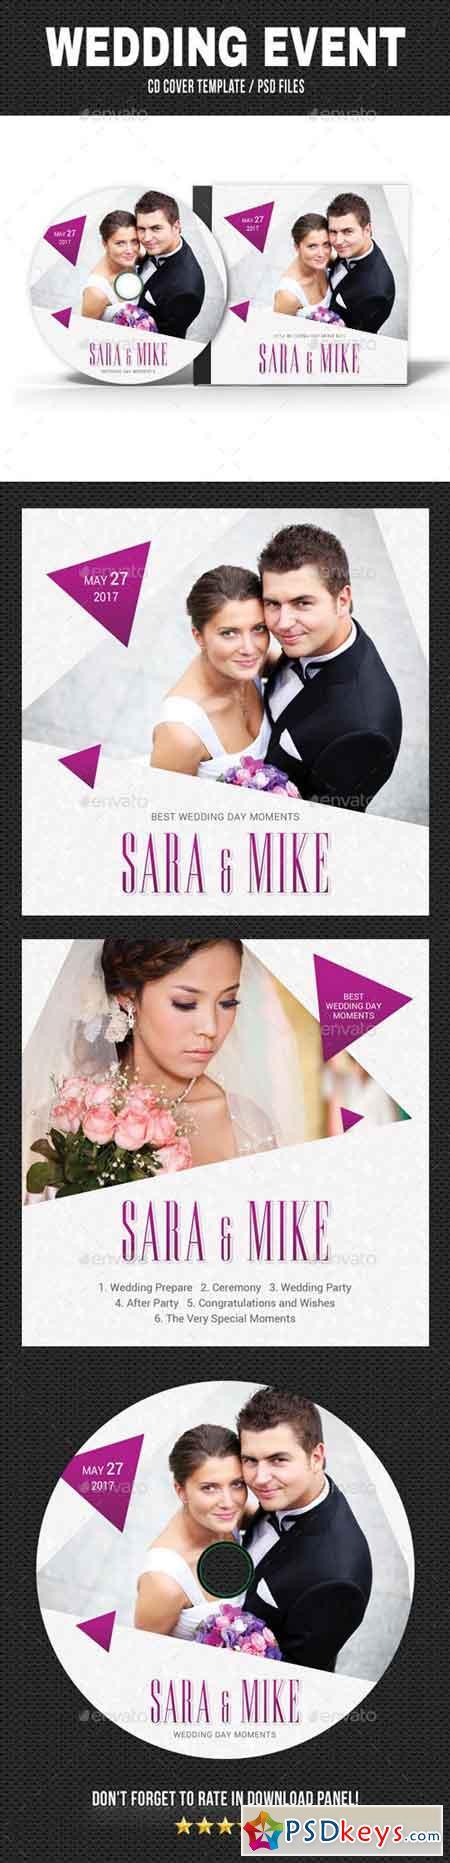 Wedding Event CD Cover v19 20351621